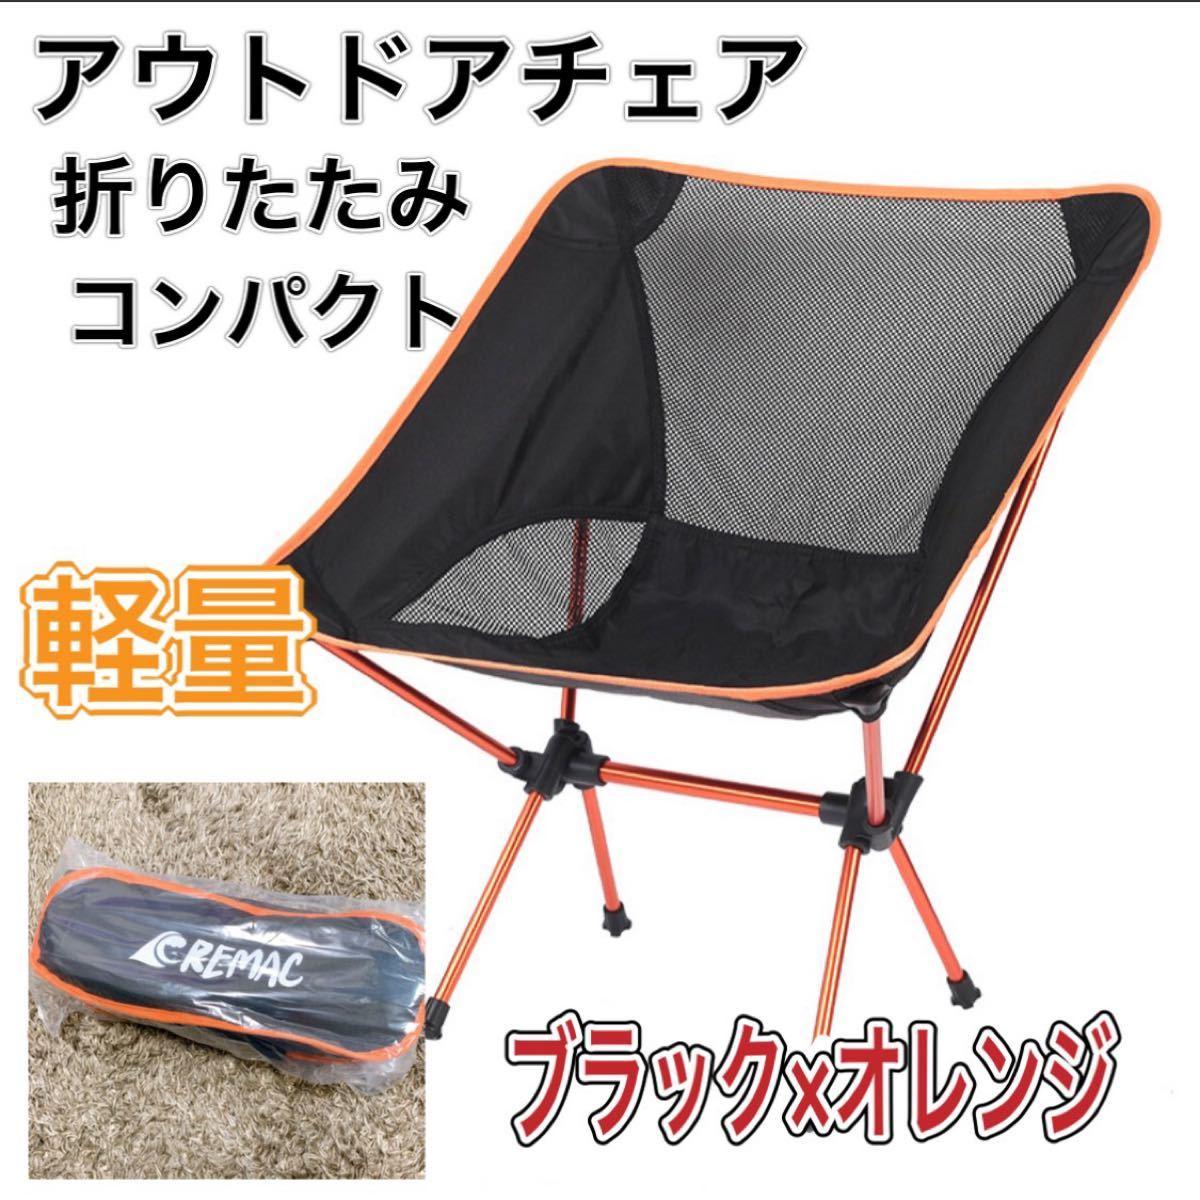 新品 らくらく持ち運び アウトドアチェア 折りたたみ キャンプ椅子 黒&オレンジ